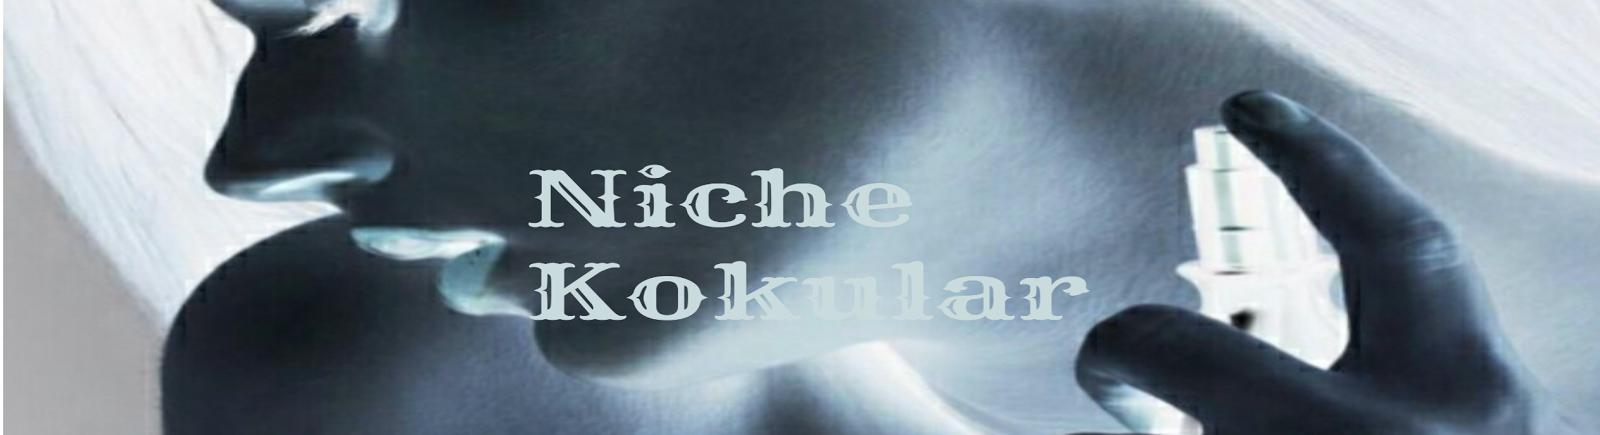 Niche Kokular ekran resimi sitesinden sketch-1470102273052-2527x687.png